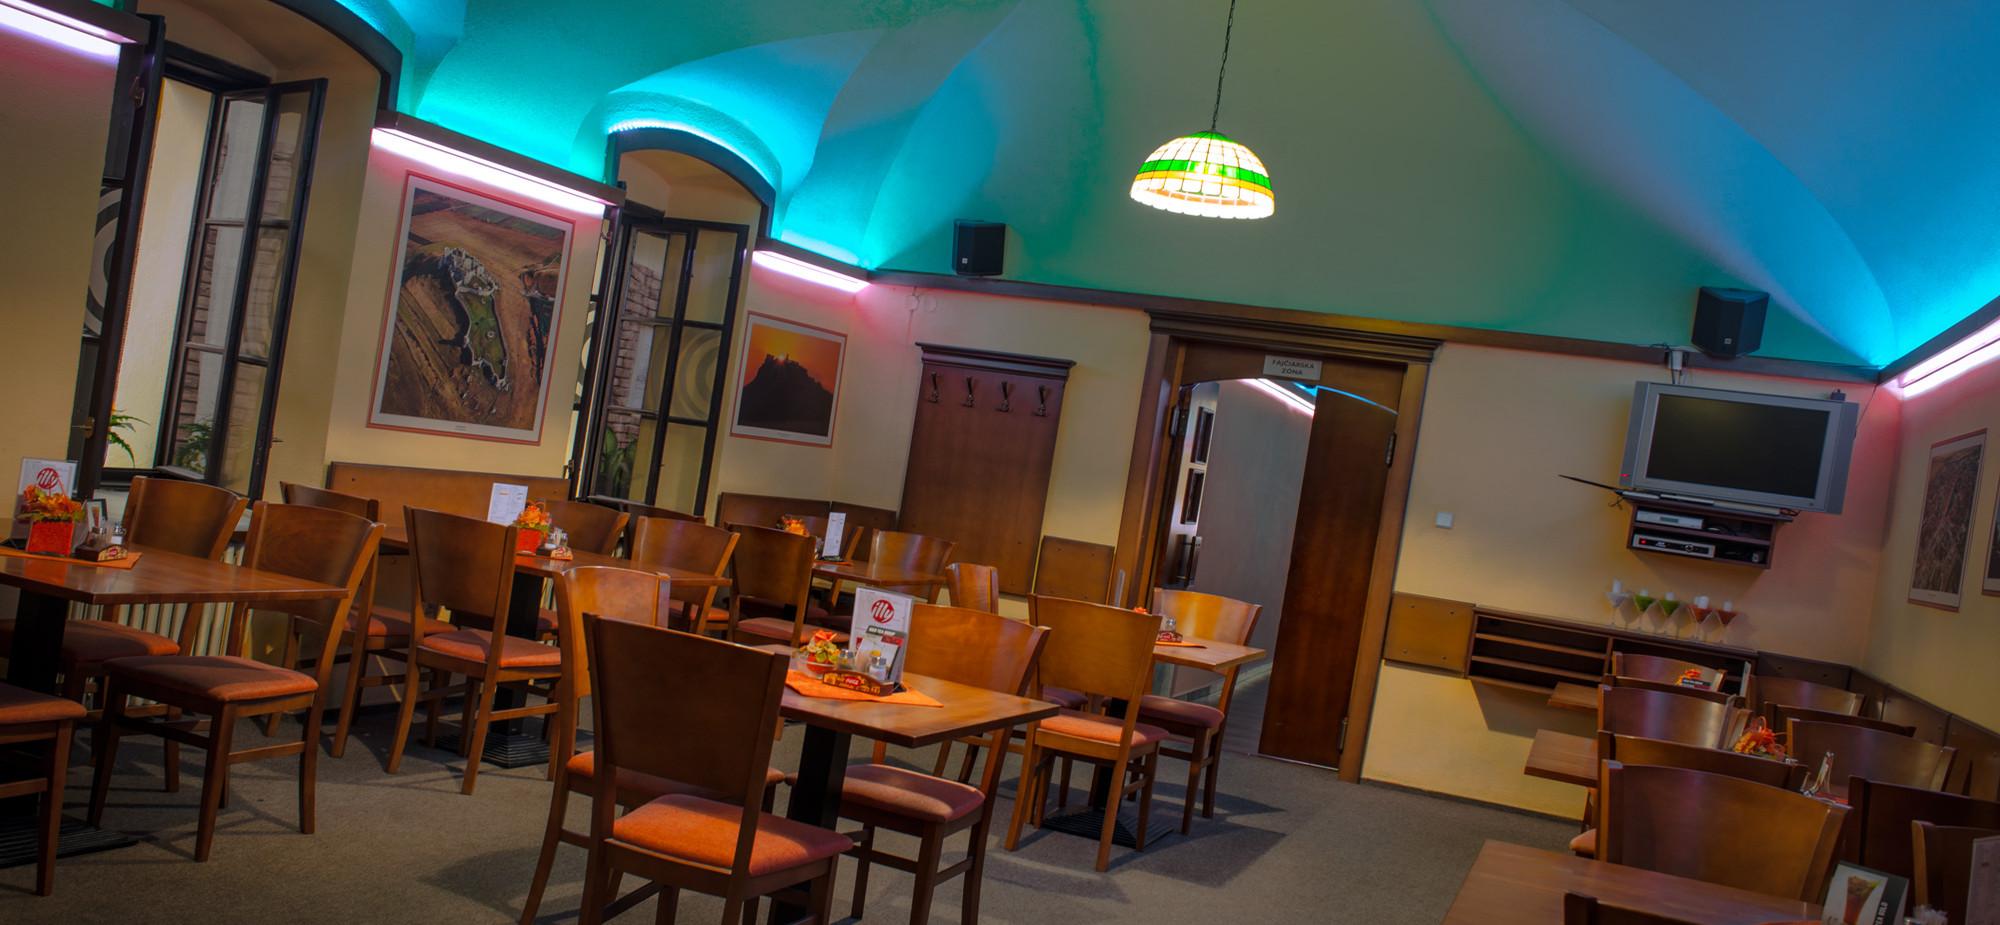 Spiš restaurant - reštauračná časť